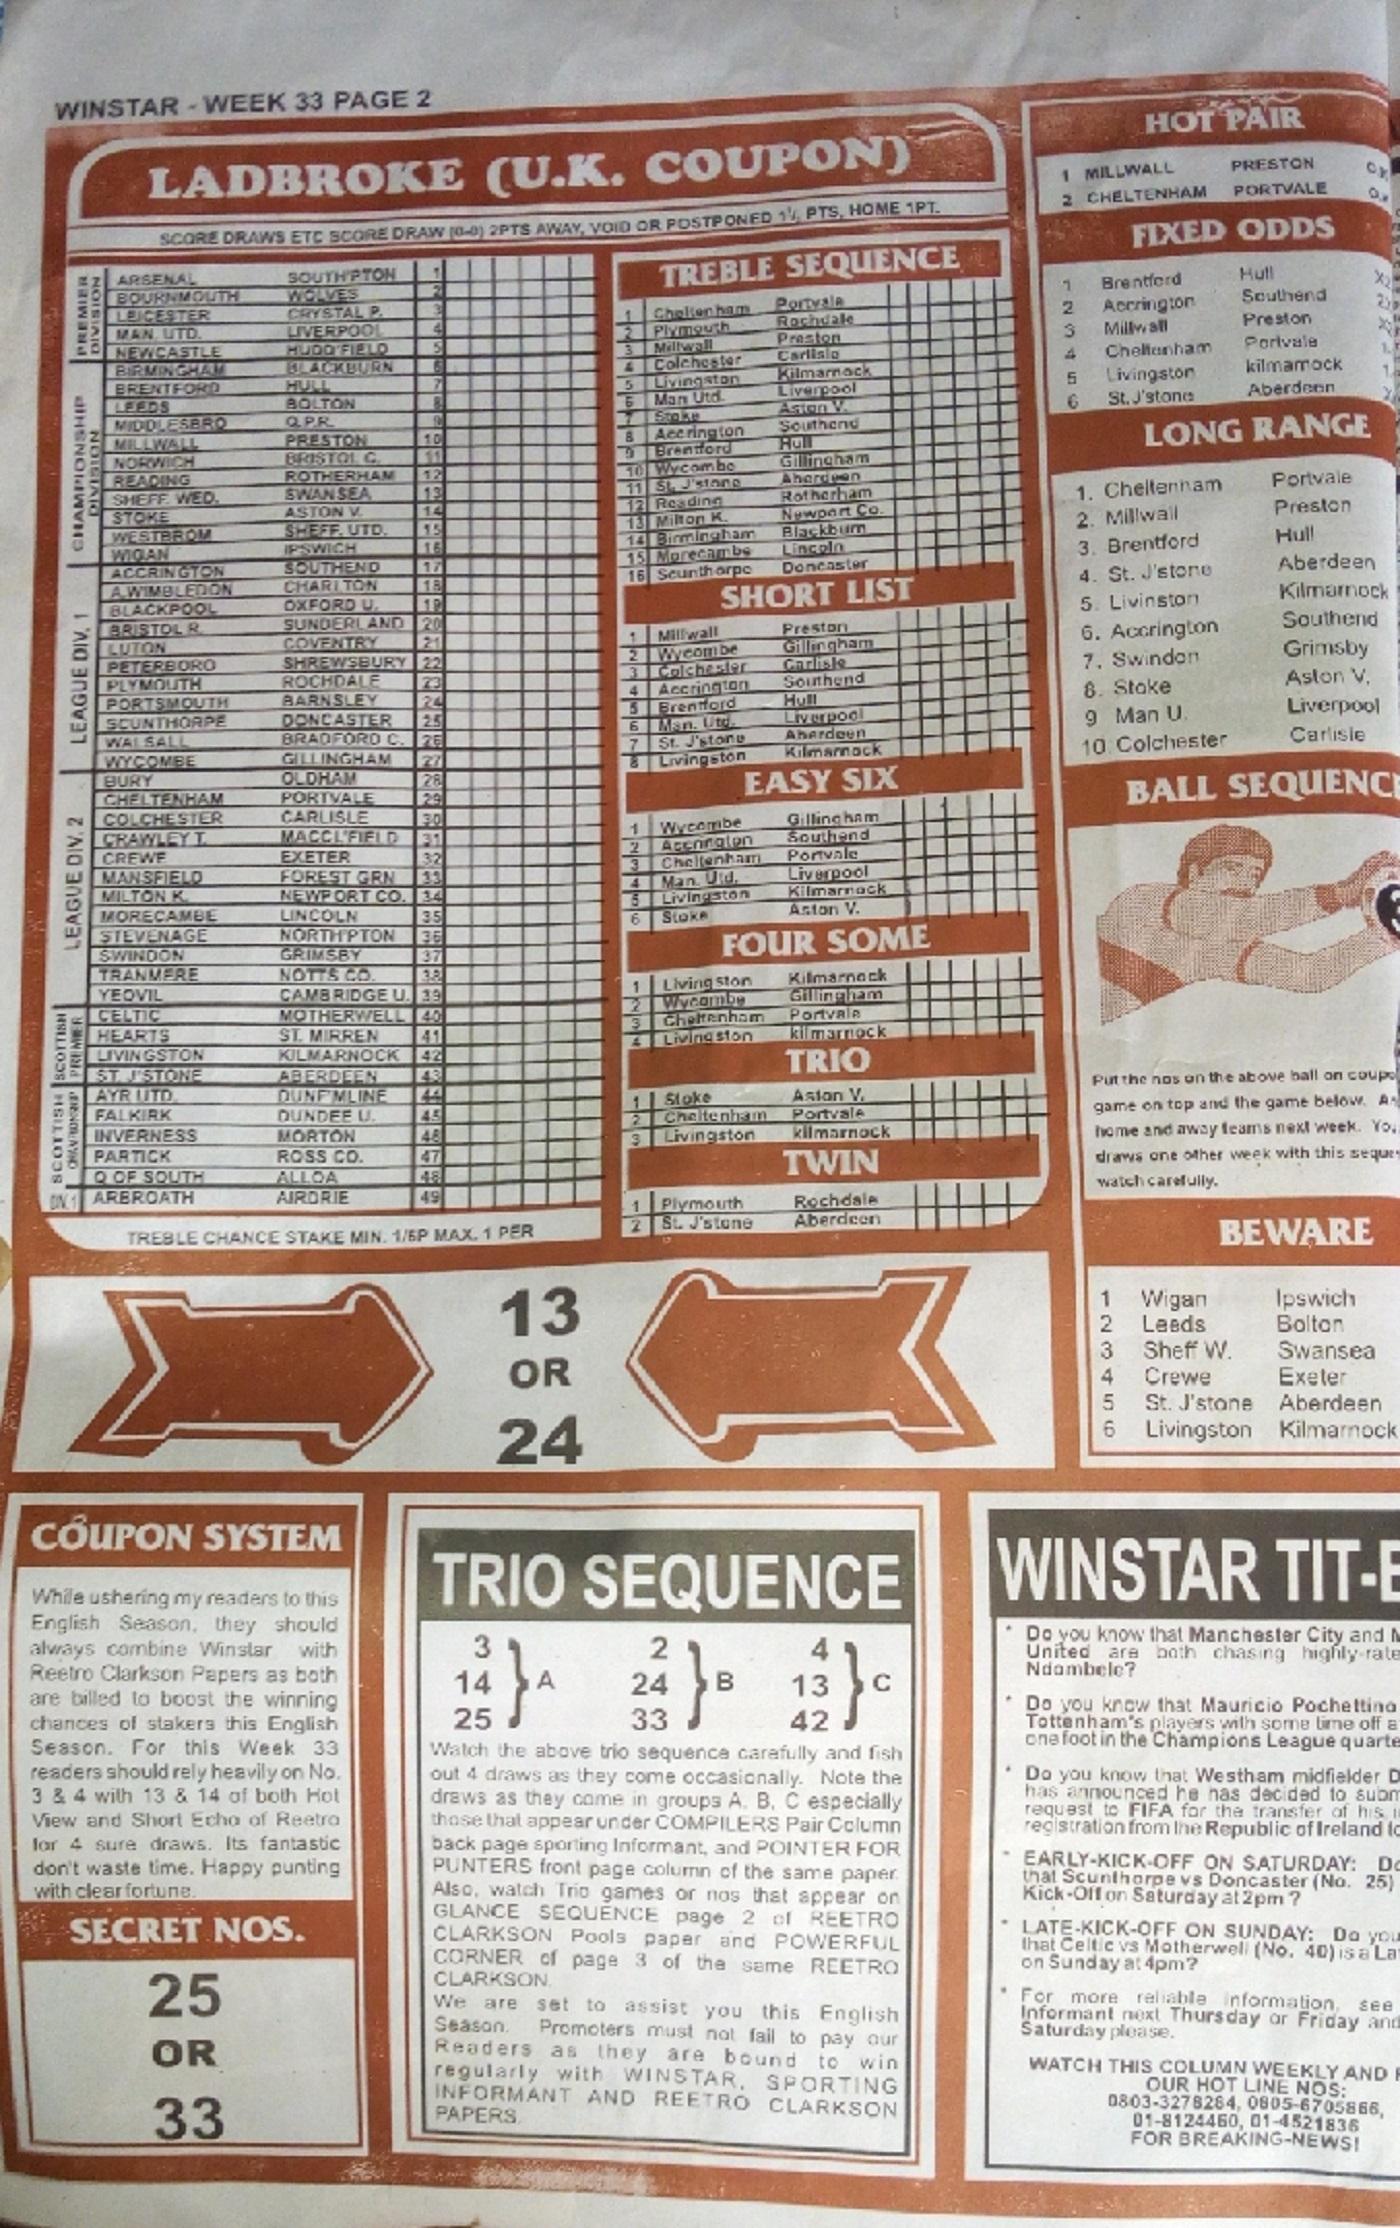 Week 33 Winstar Pg2